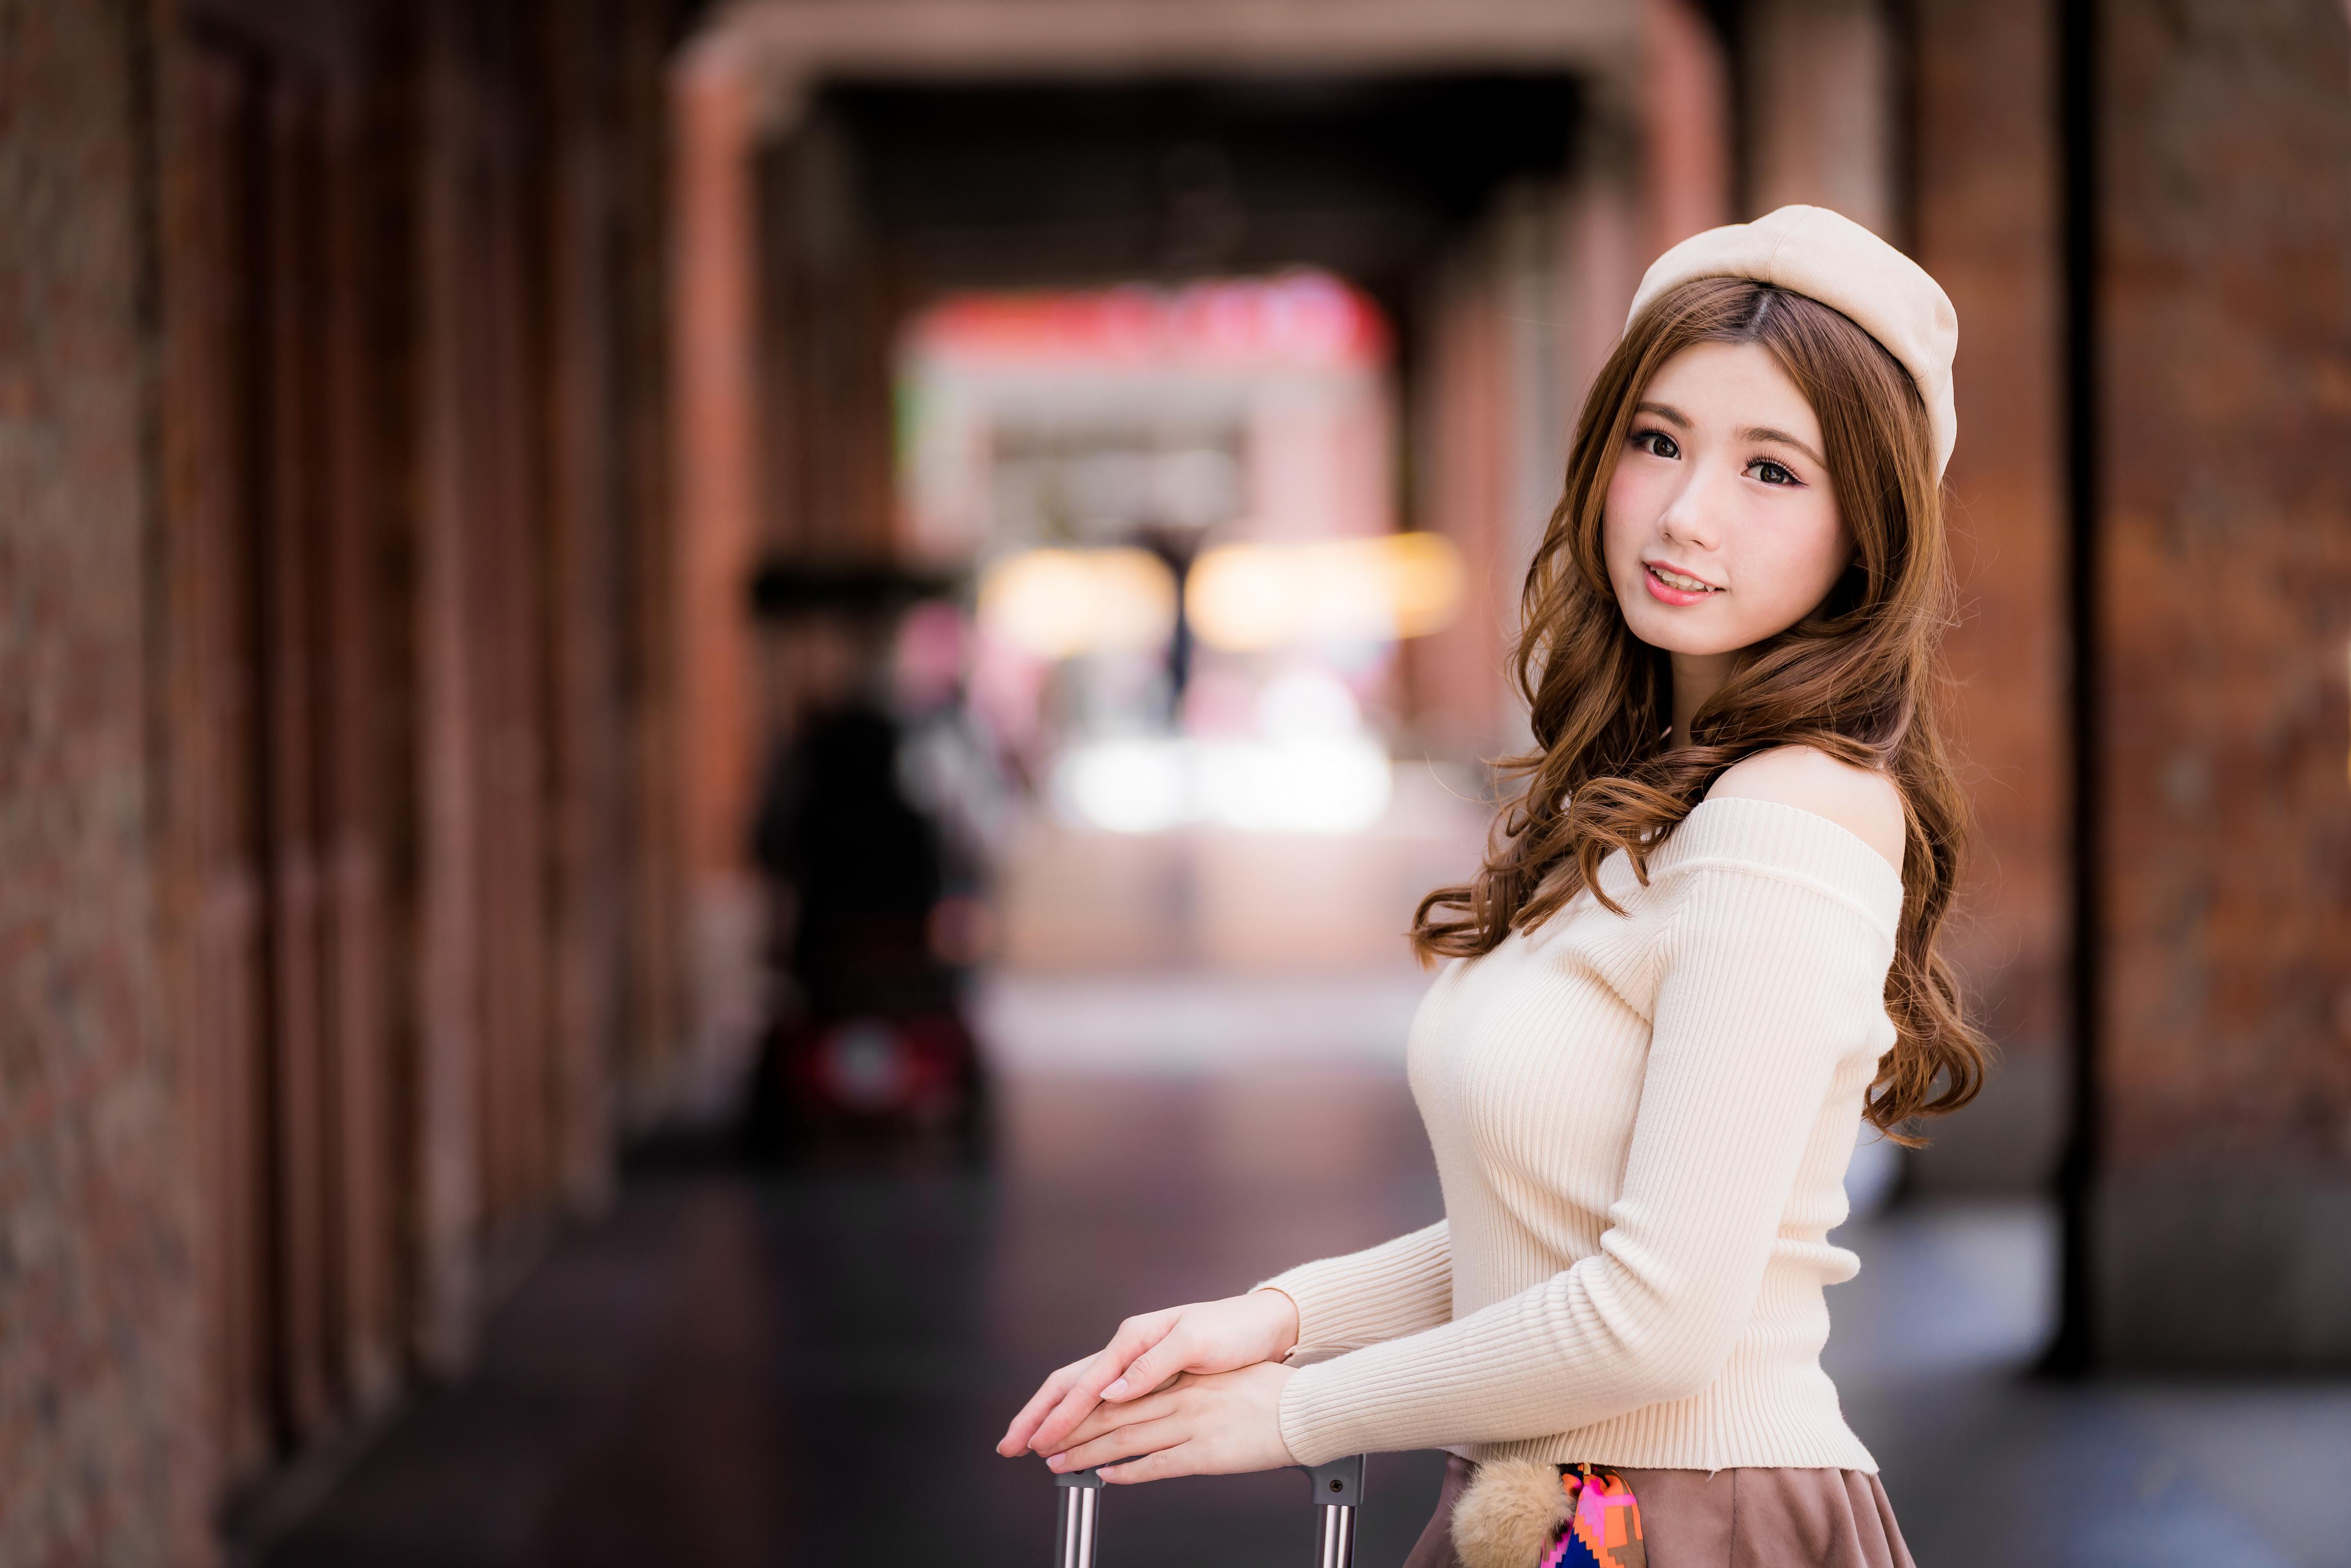 Fotos Braune Haare Bokeh Schön Barett junge frau Asiatische Blick Braunhaarige unscharfer Hintergrund hübsch schöne hübsche schöner schönes hübscher Mädchens junge Frauen Asiaten asiatisches Starren